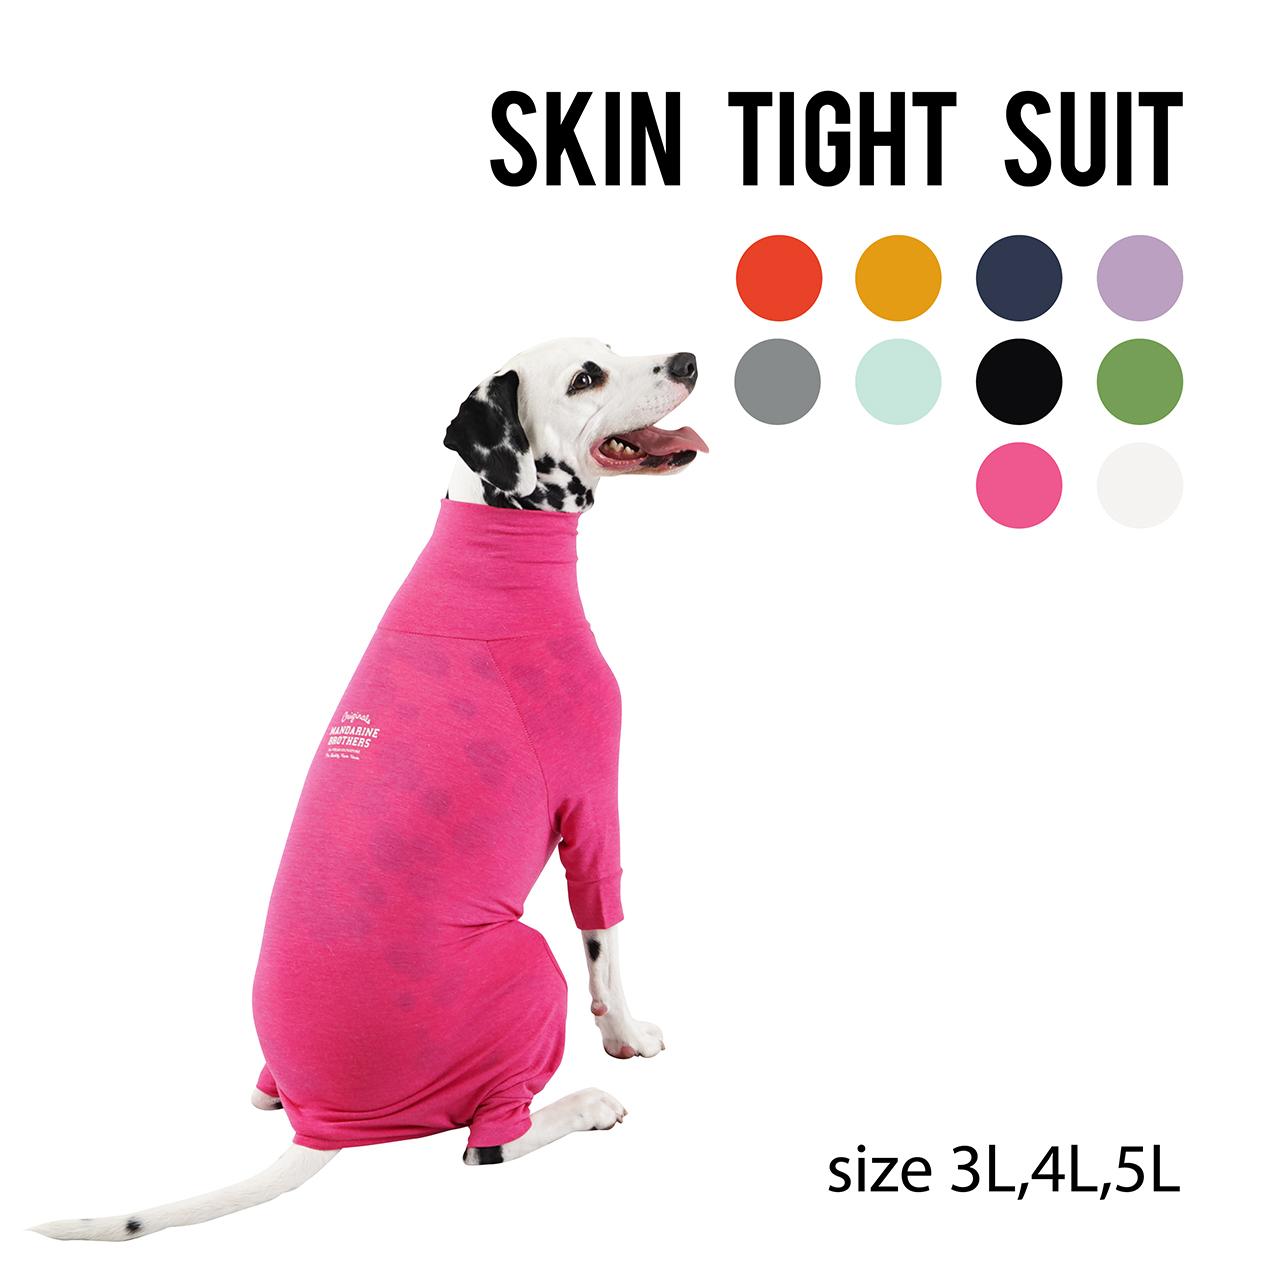 SKIN TIGHT SUITS(3L,4L,5L) スキンタイトスーツ